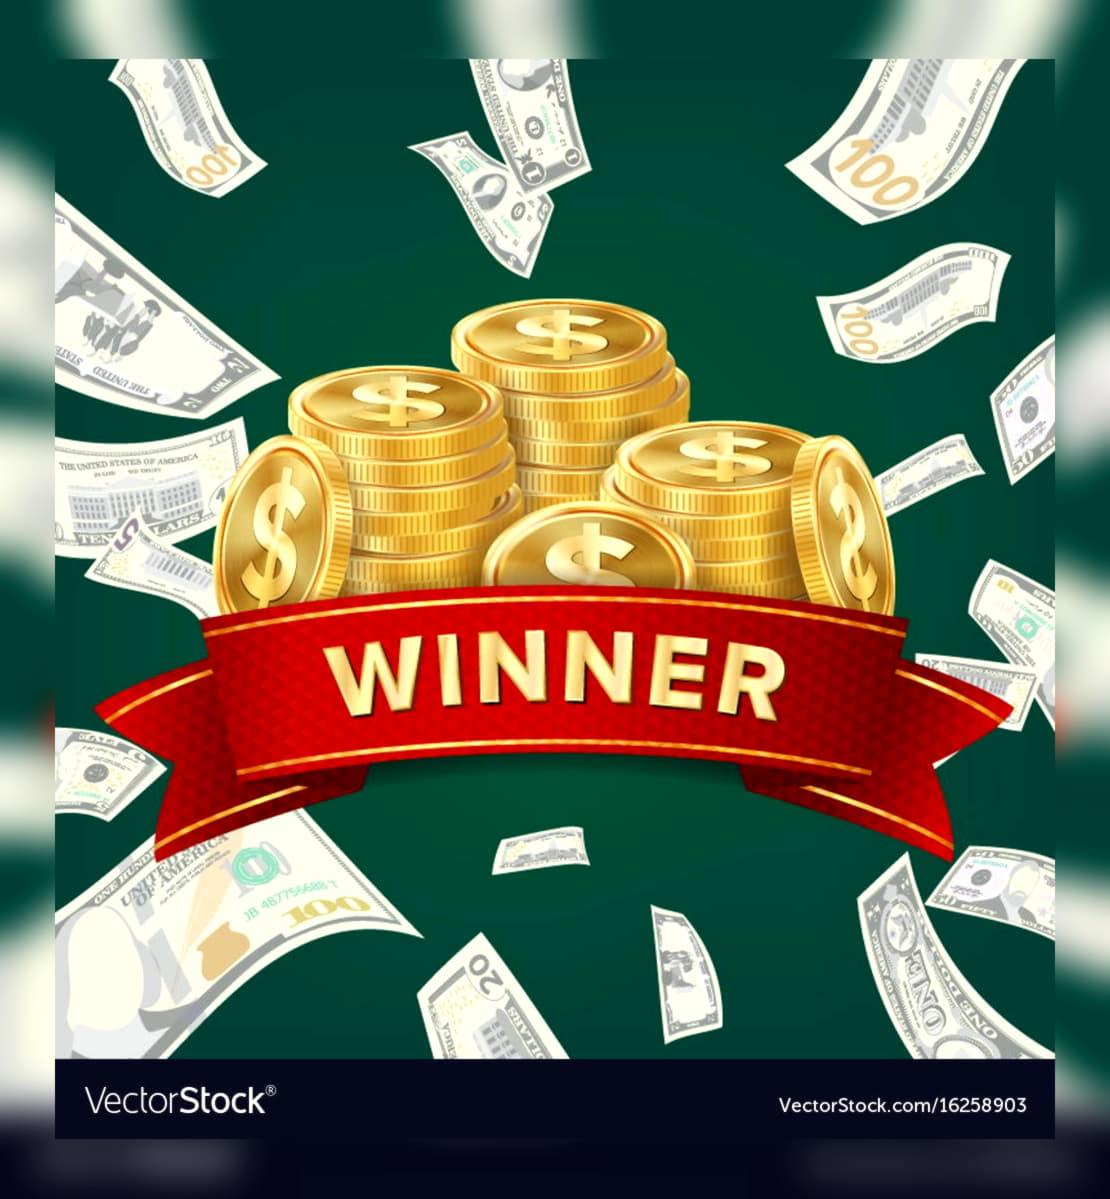 222 คาสิโนฟรีหมุนที่ Liberty Slots Casino